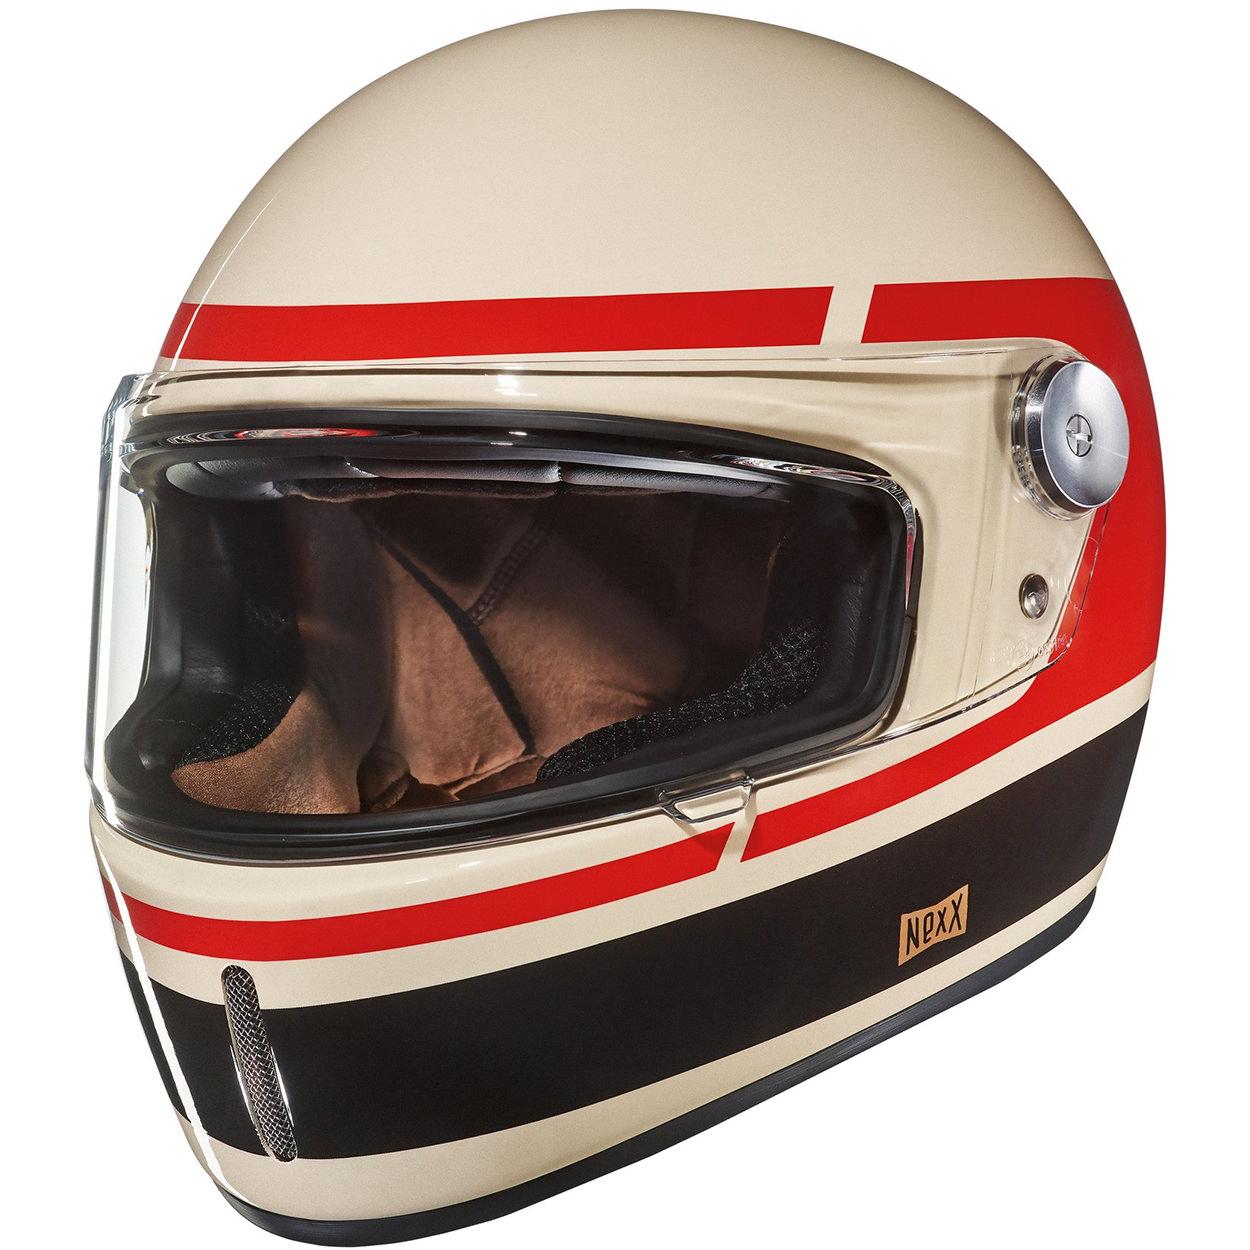 Win a NEXX X.G100 Racer motorcycle helmet